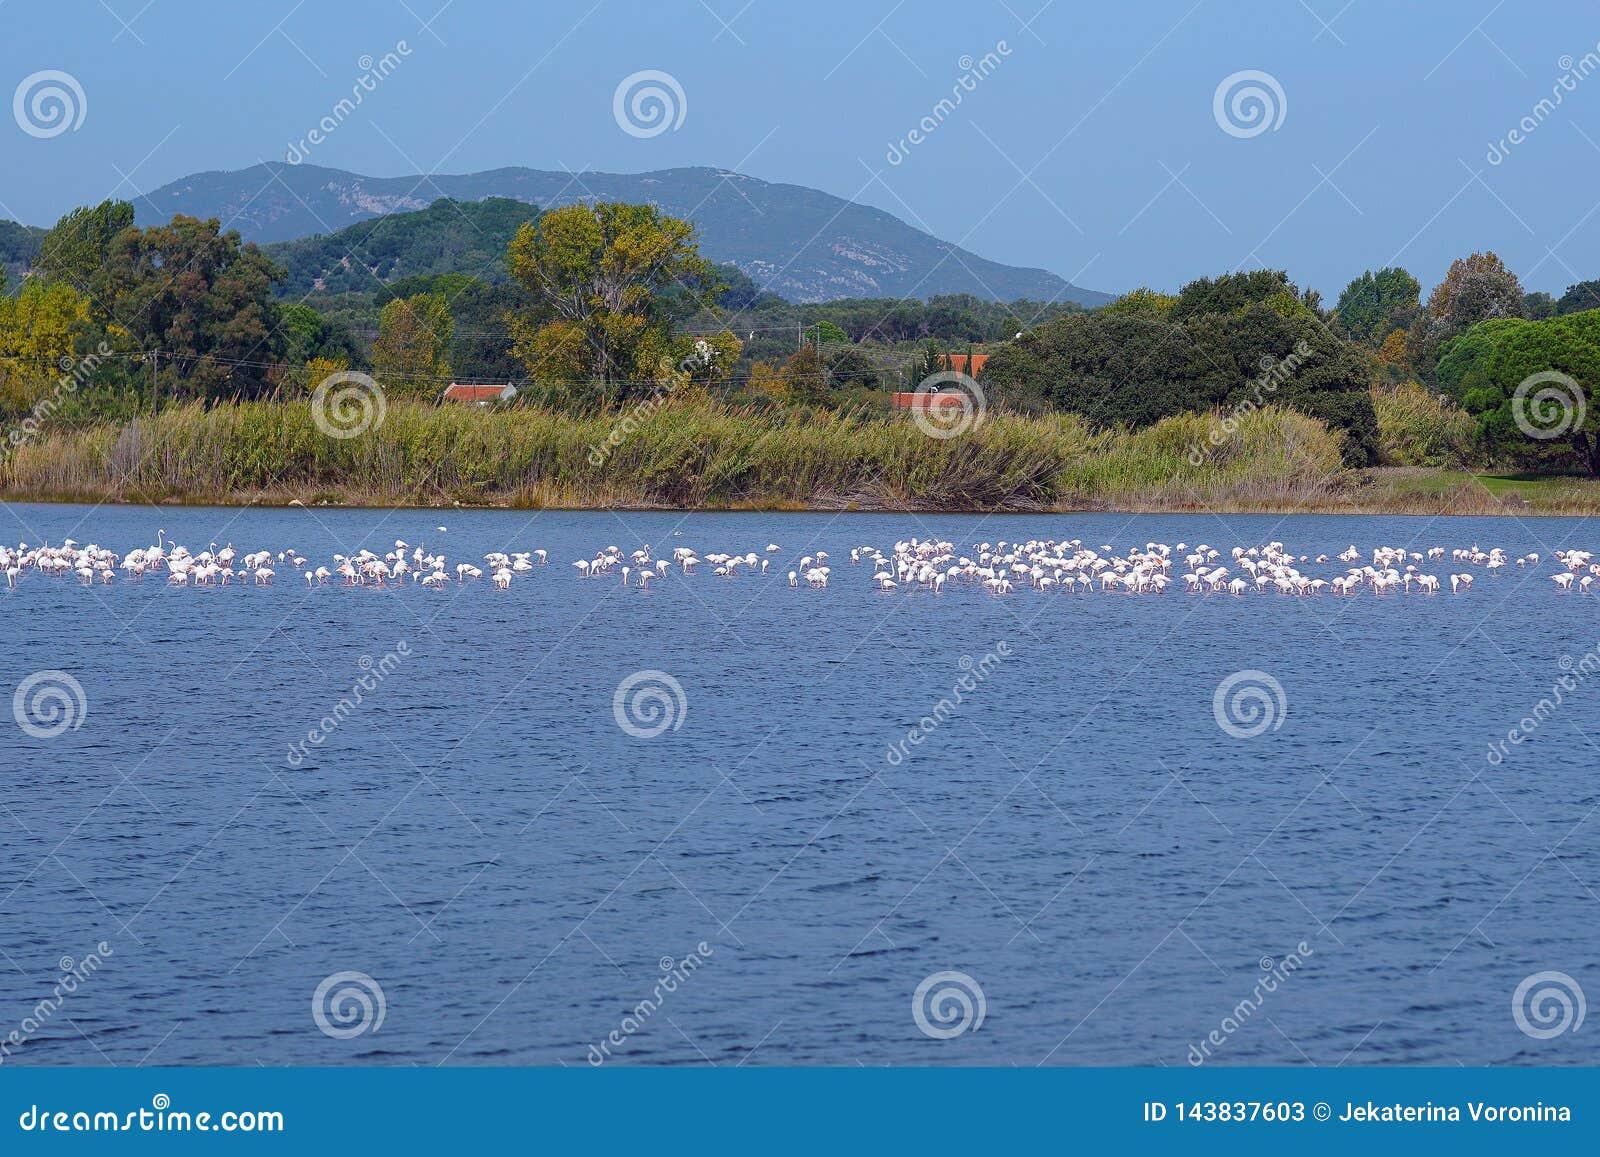 See Korission ist ein sehr wichtiges Ökosystem von Korfu, in dem viele Zugvögel wie rosa Flamingos stoppen